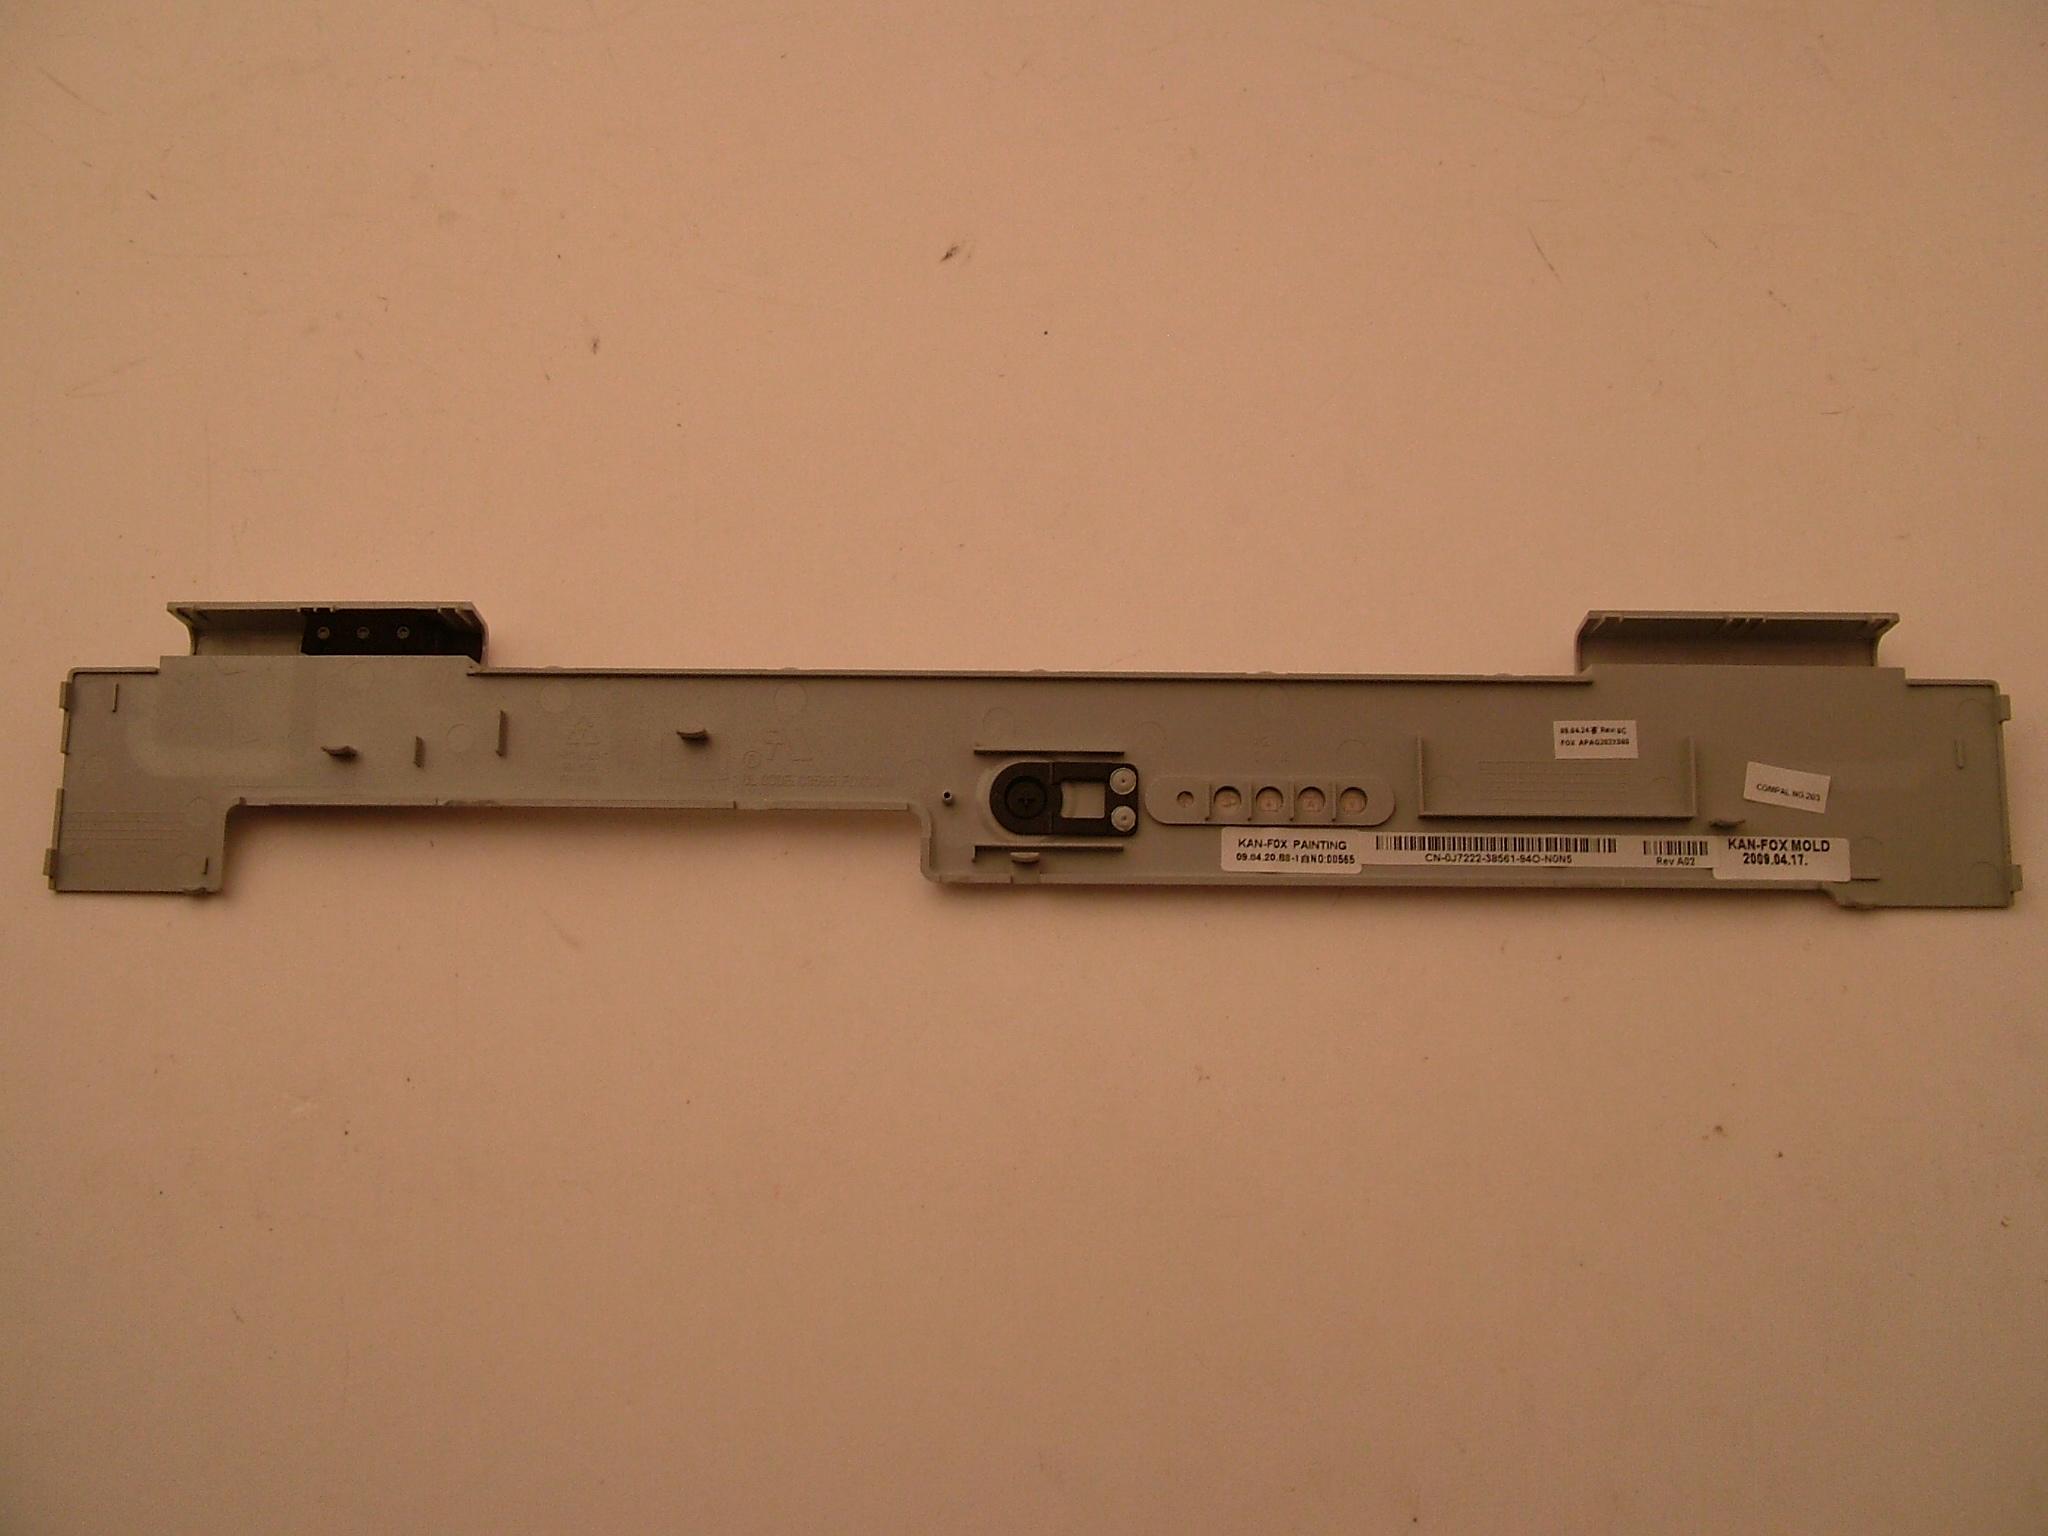 Upper Edge Tech Dell Oem Inspiron 9300 Laptop Plastic Hinge Cover